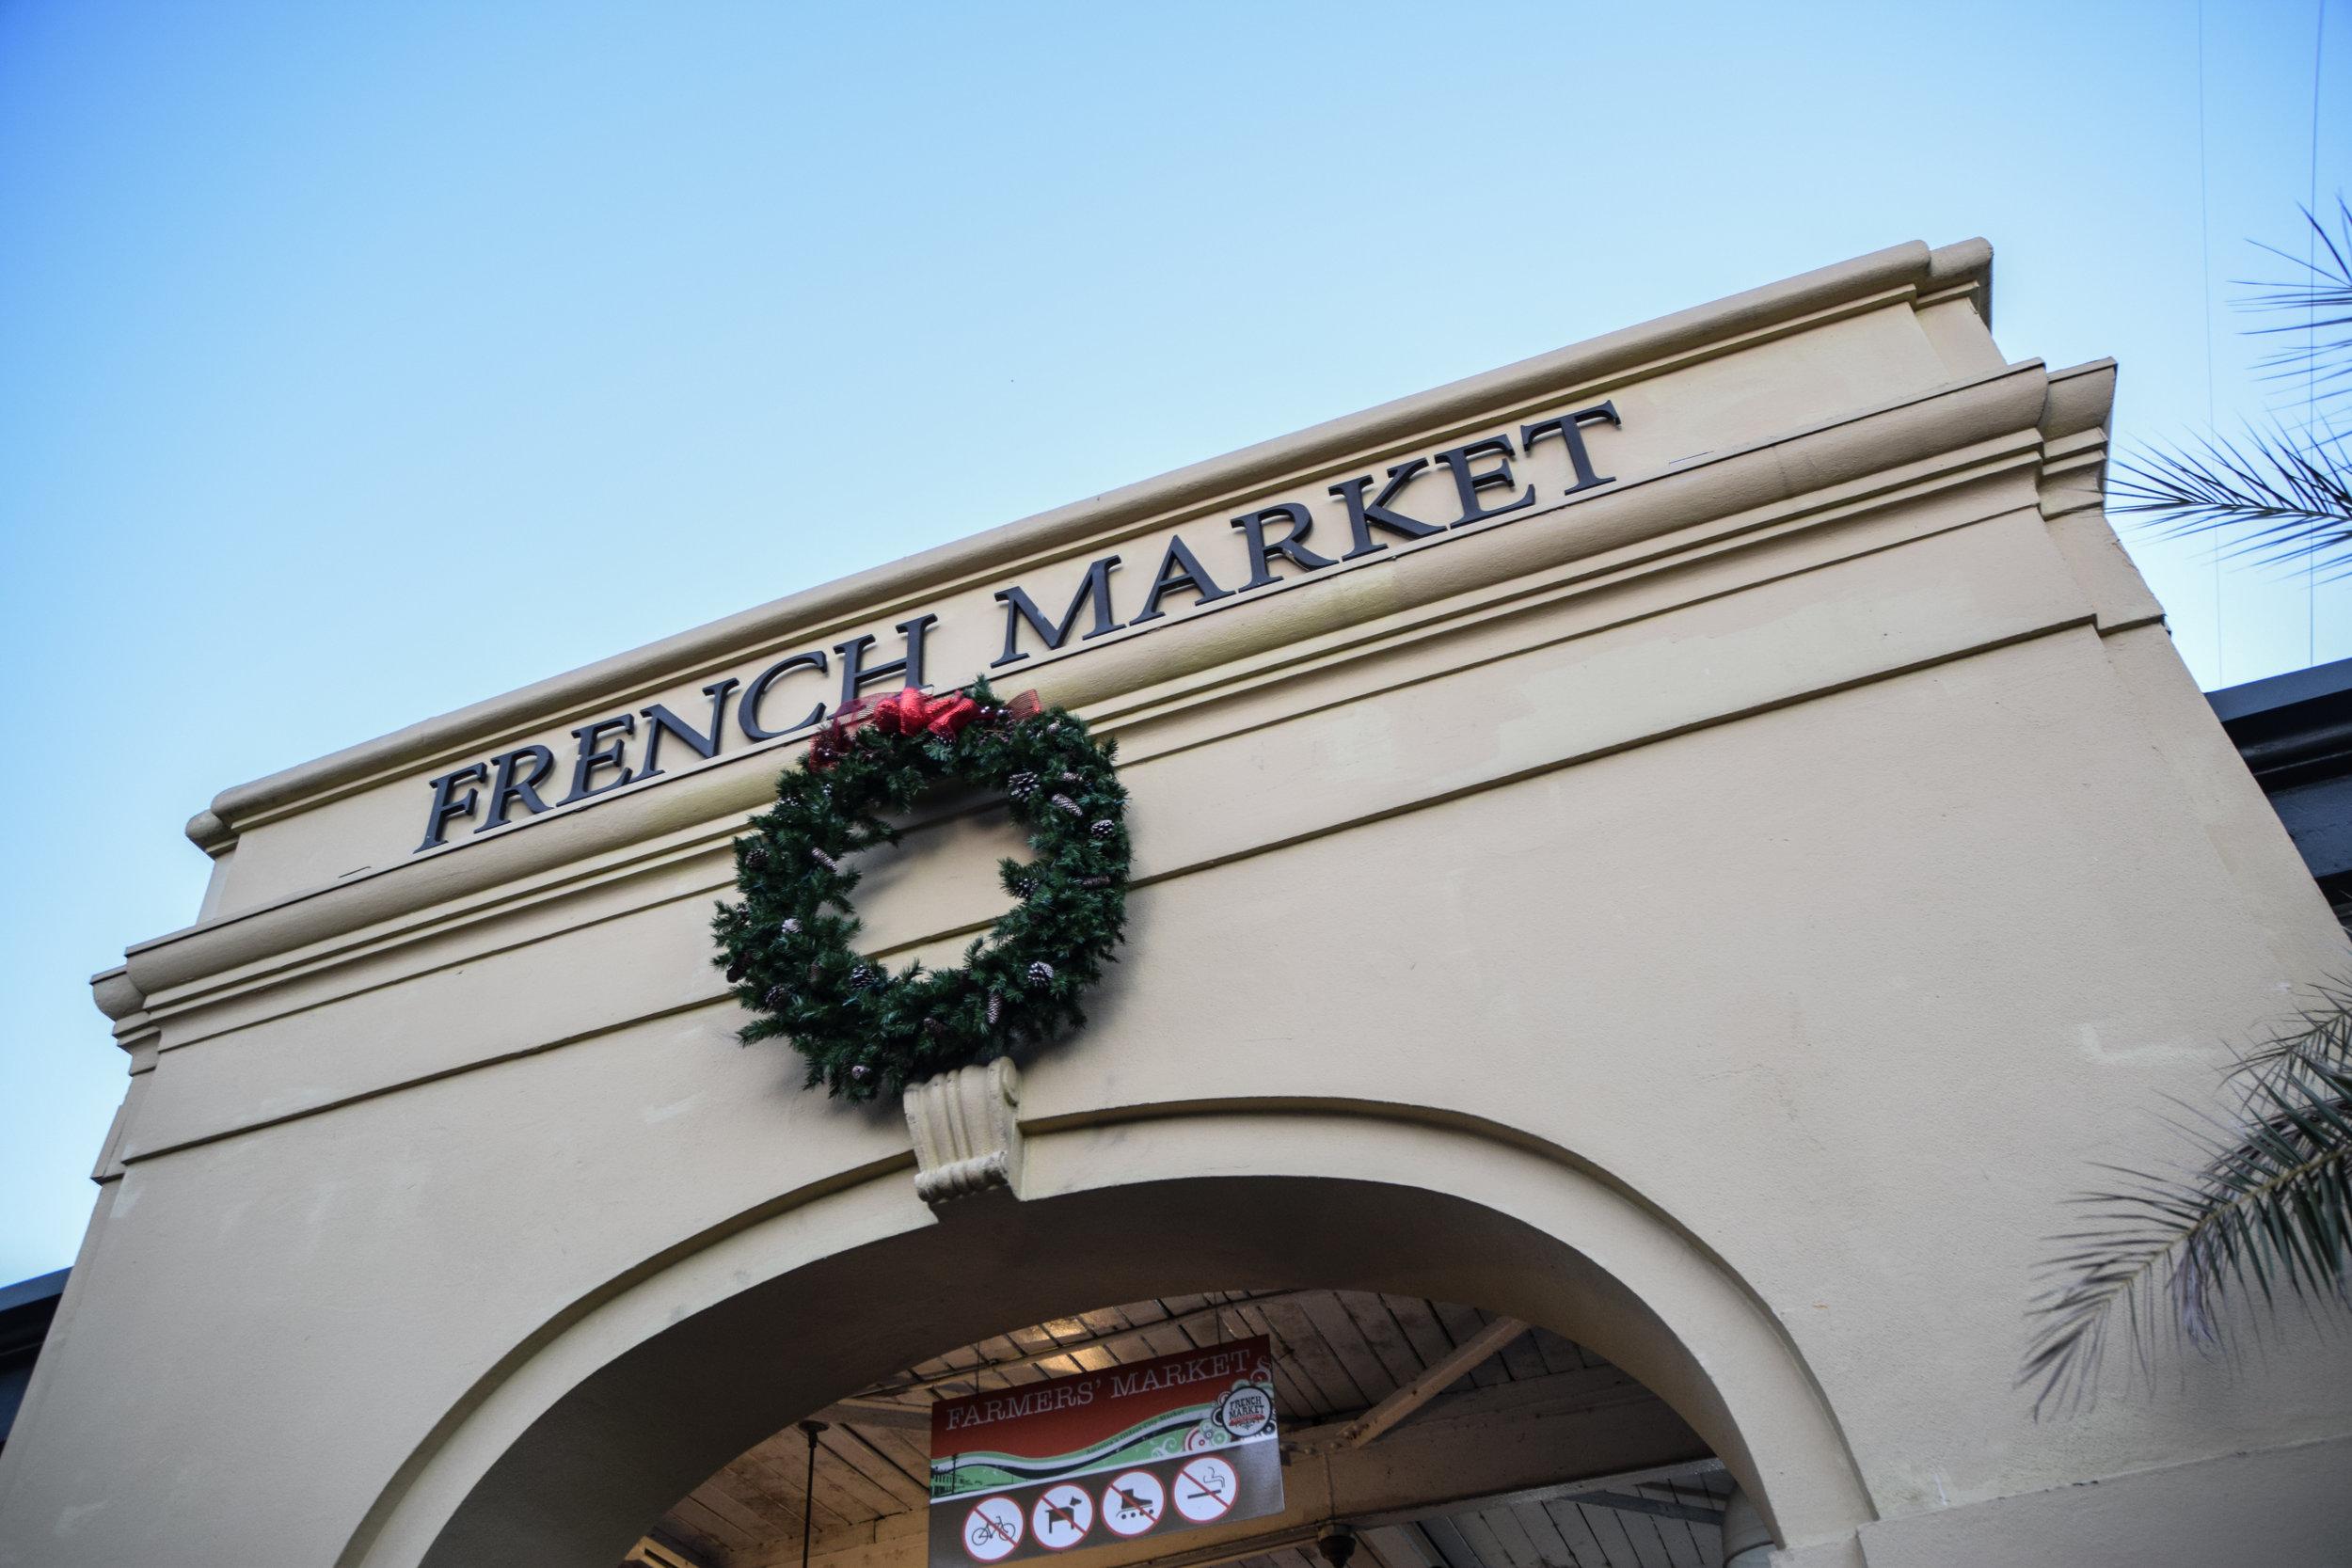 Le marché français.jpg